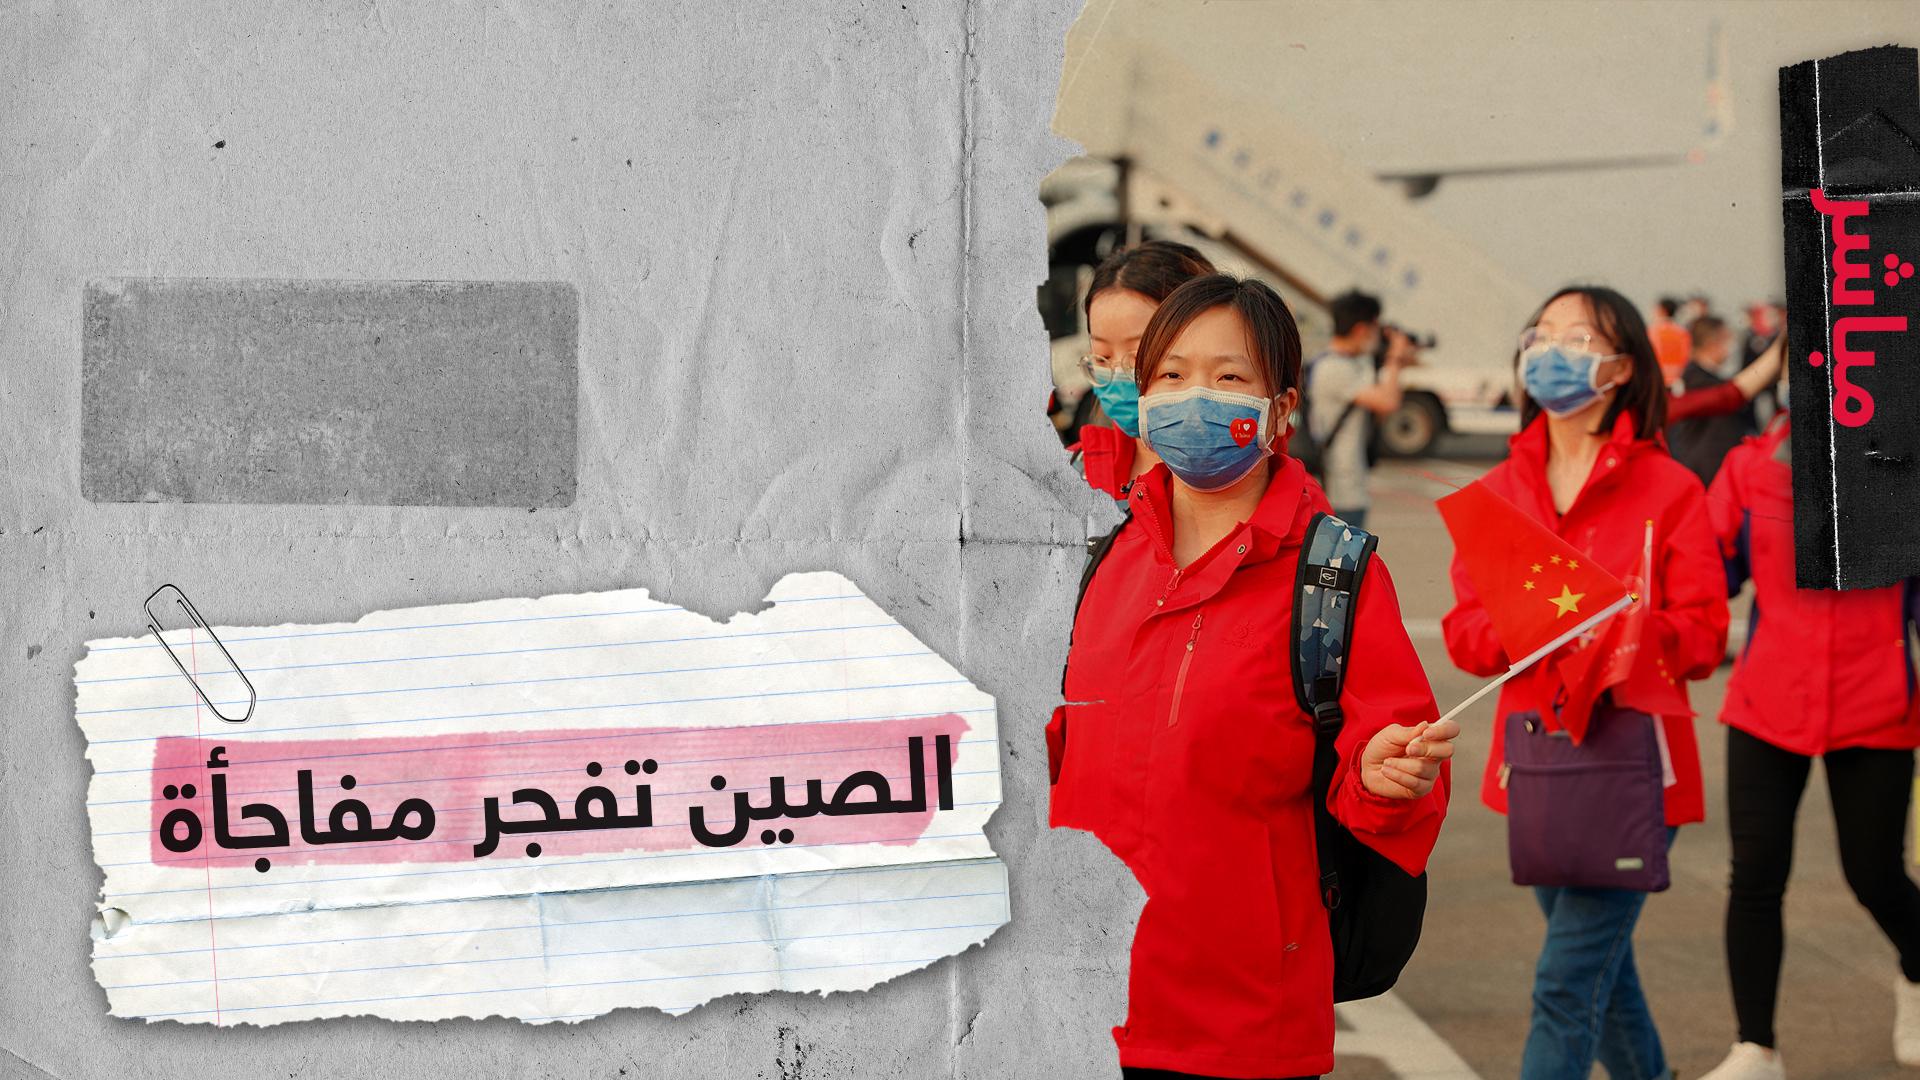 مفجأة من الصين بإعلان تعافي 94% من المصابين هناك بكورونا